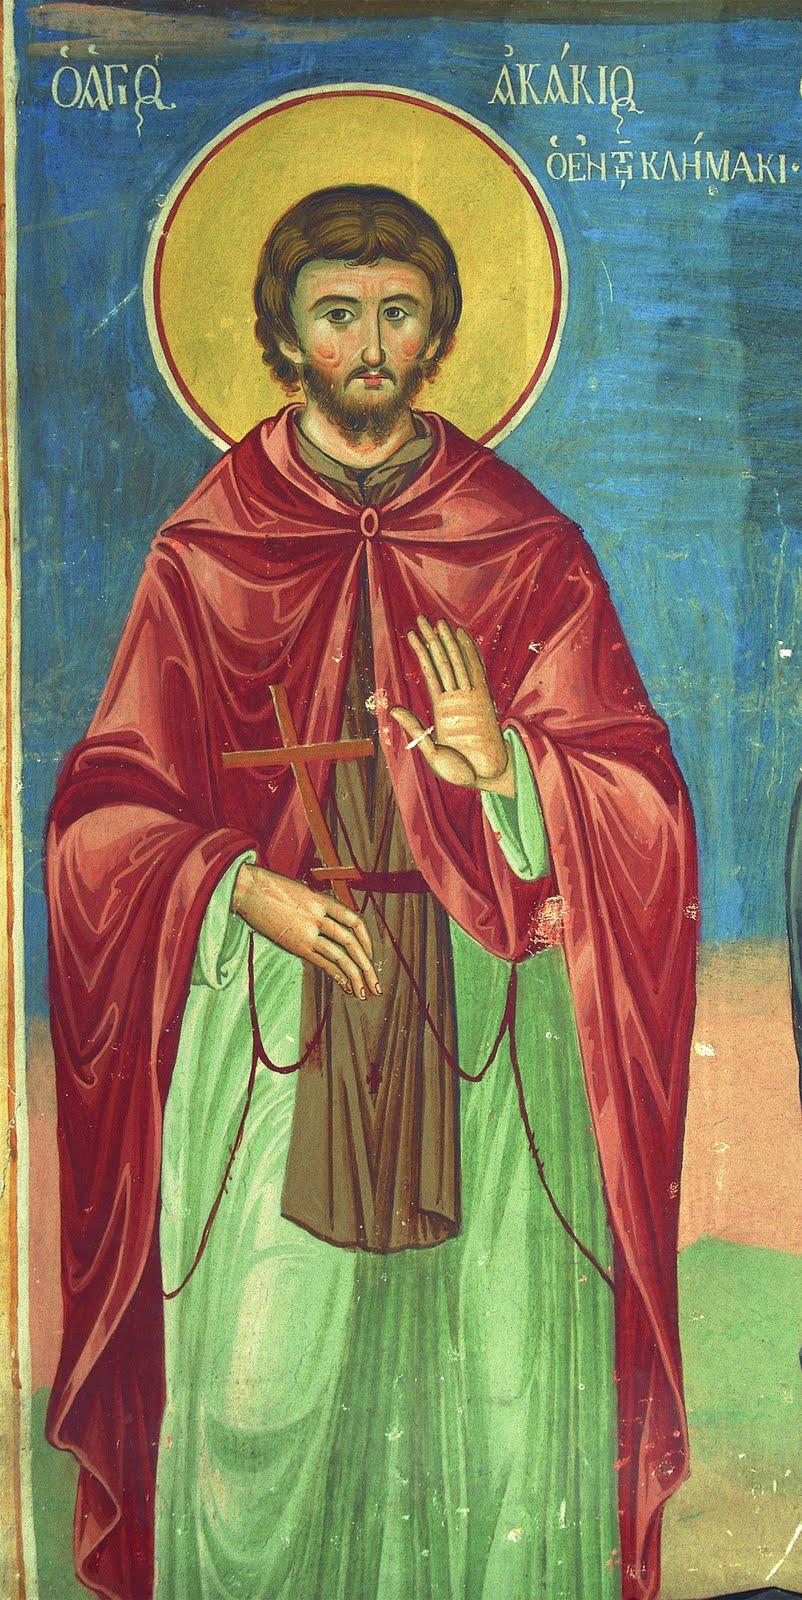 St. Akakios of Sinai